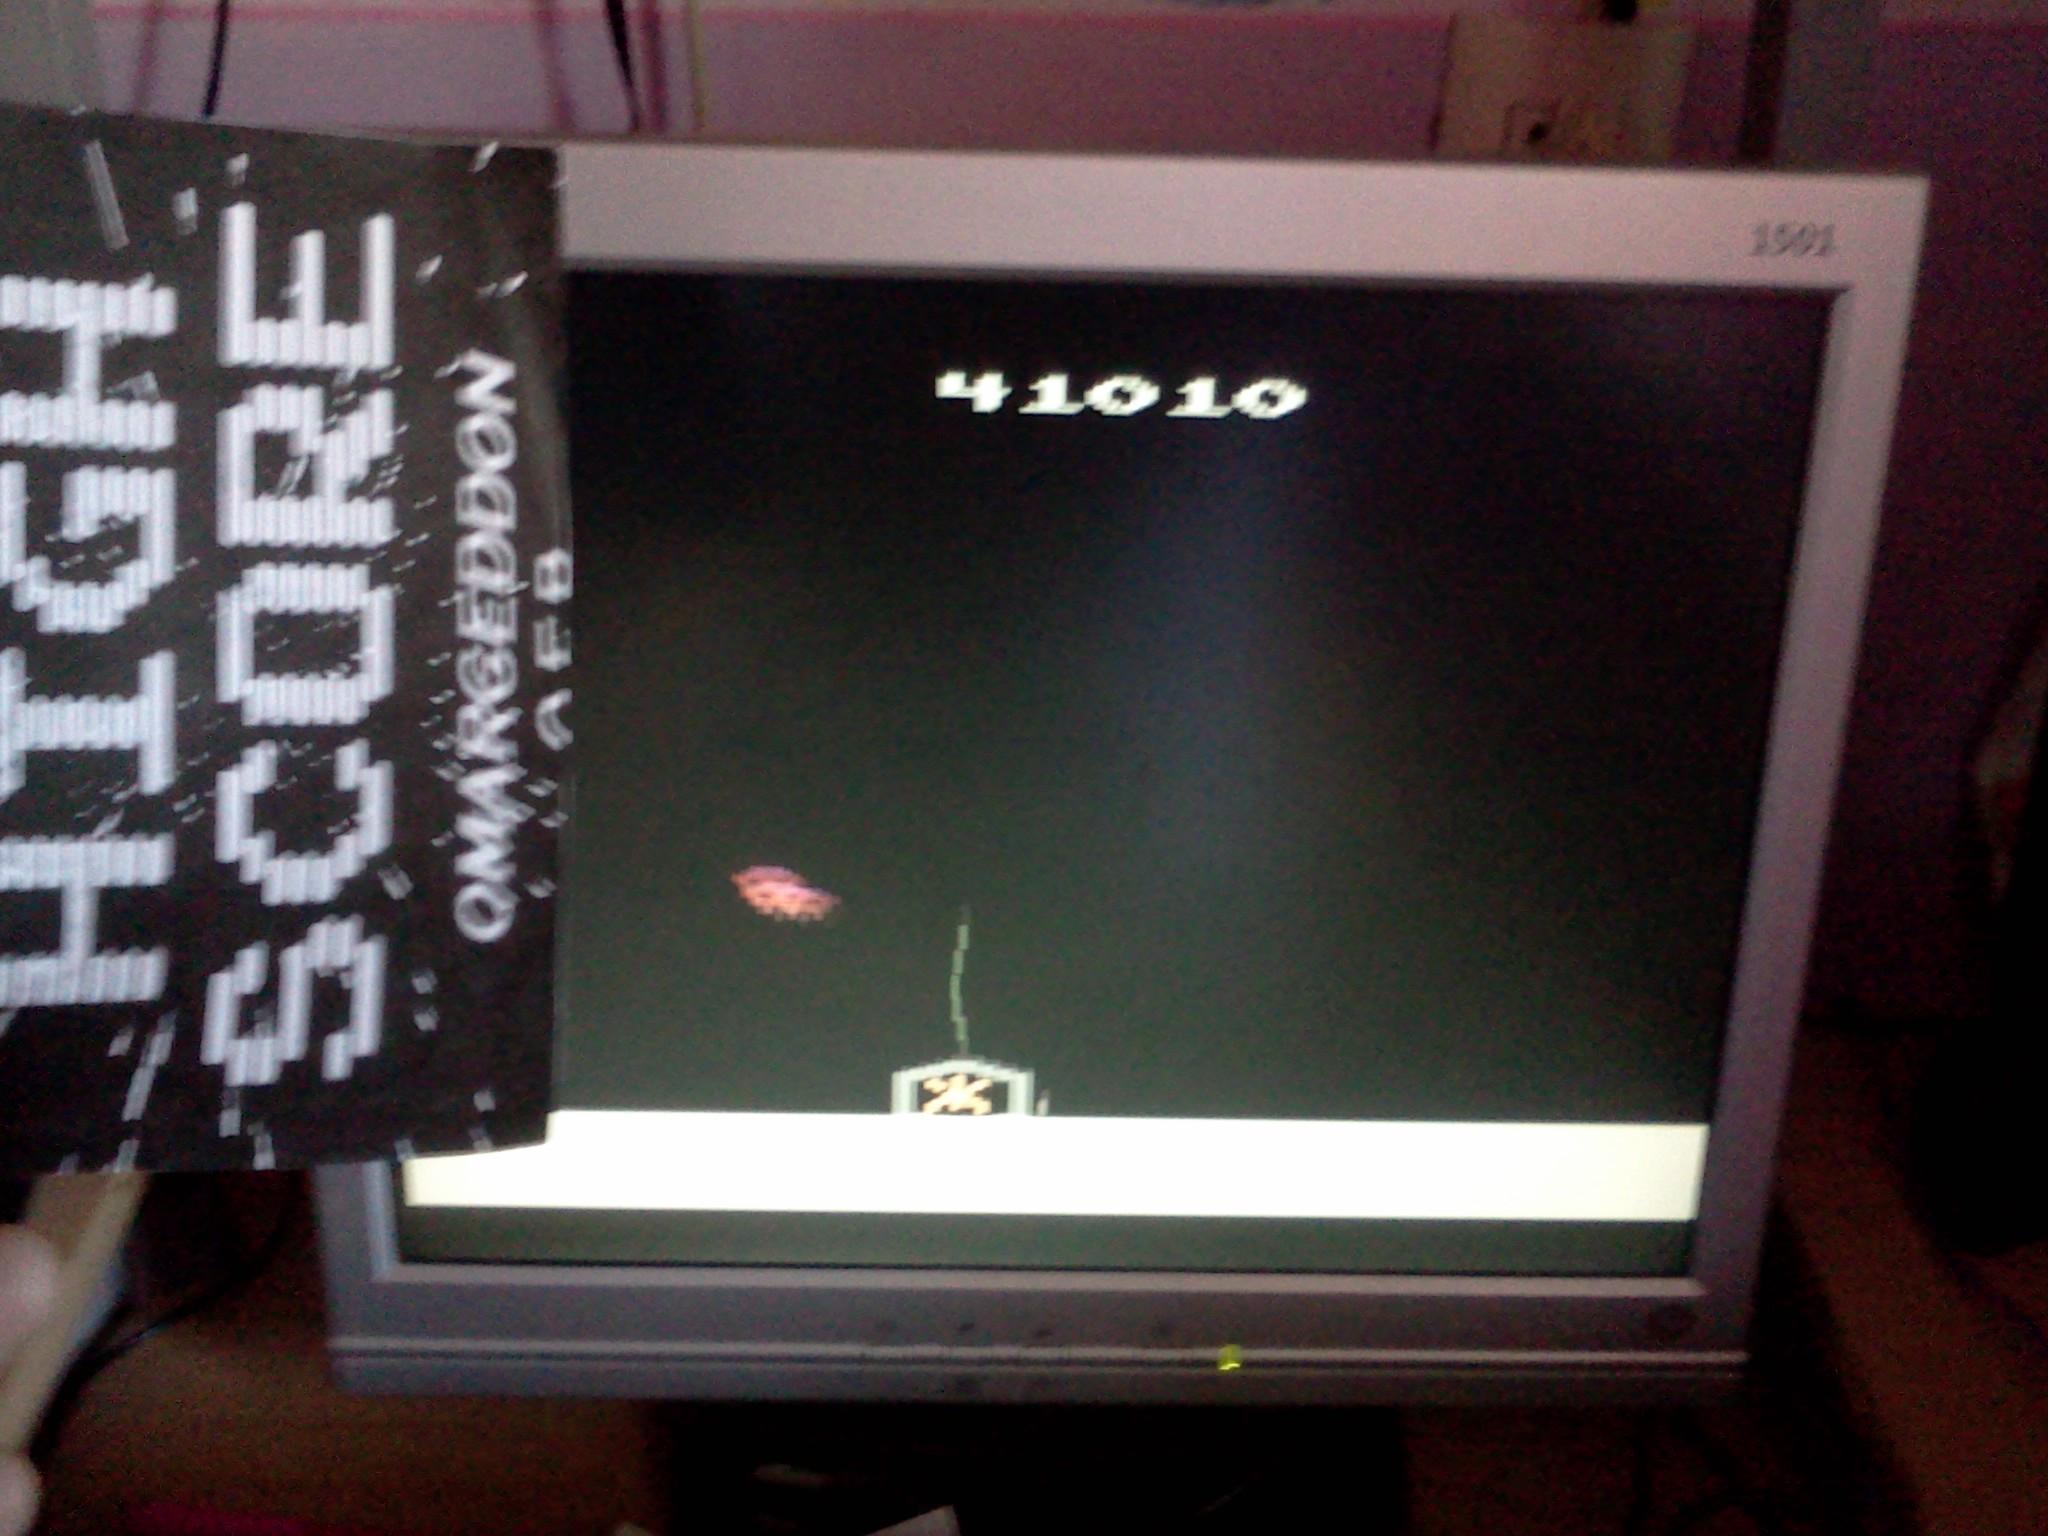 omargeddon: Phoenix (Atari 2600 Emulated Novice/B Mode) 41,010 points on 2016-08-27 12:29:16